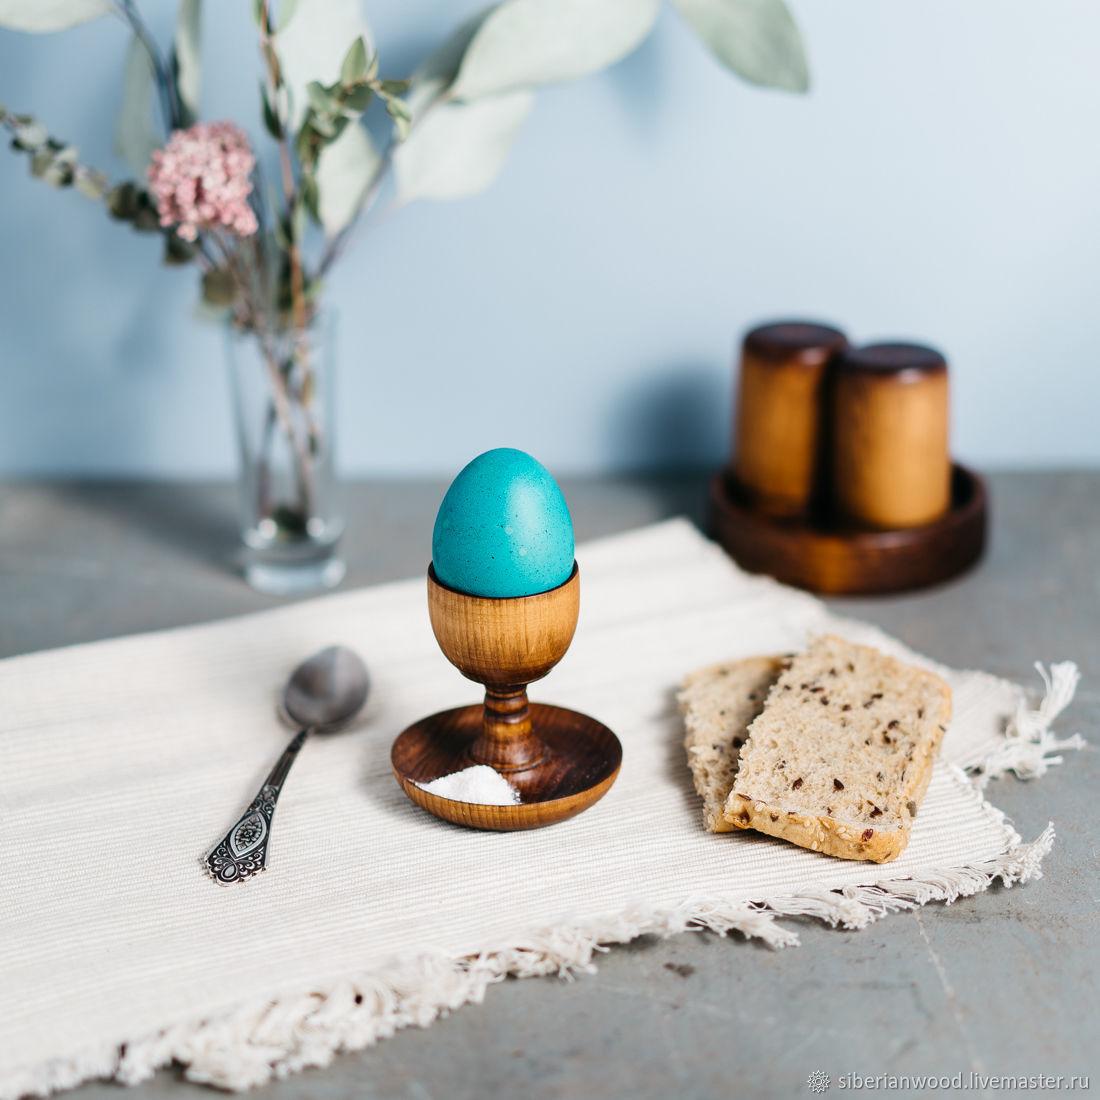 Деревянная подставка для яйца с солонкой Сибирский Кедр #ES8, Яйца, Новокузнецк,  Фото №1